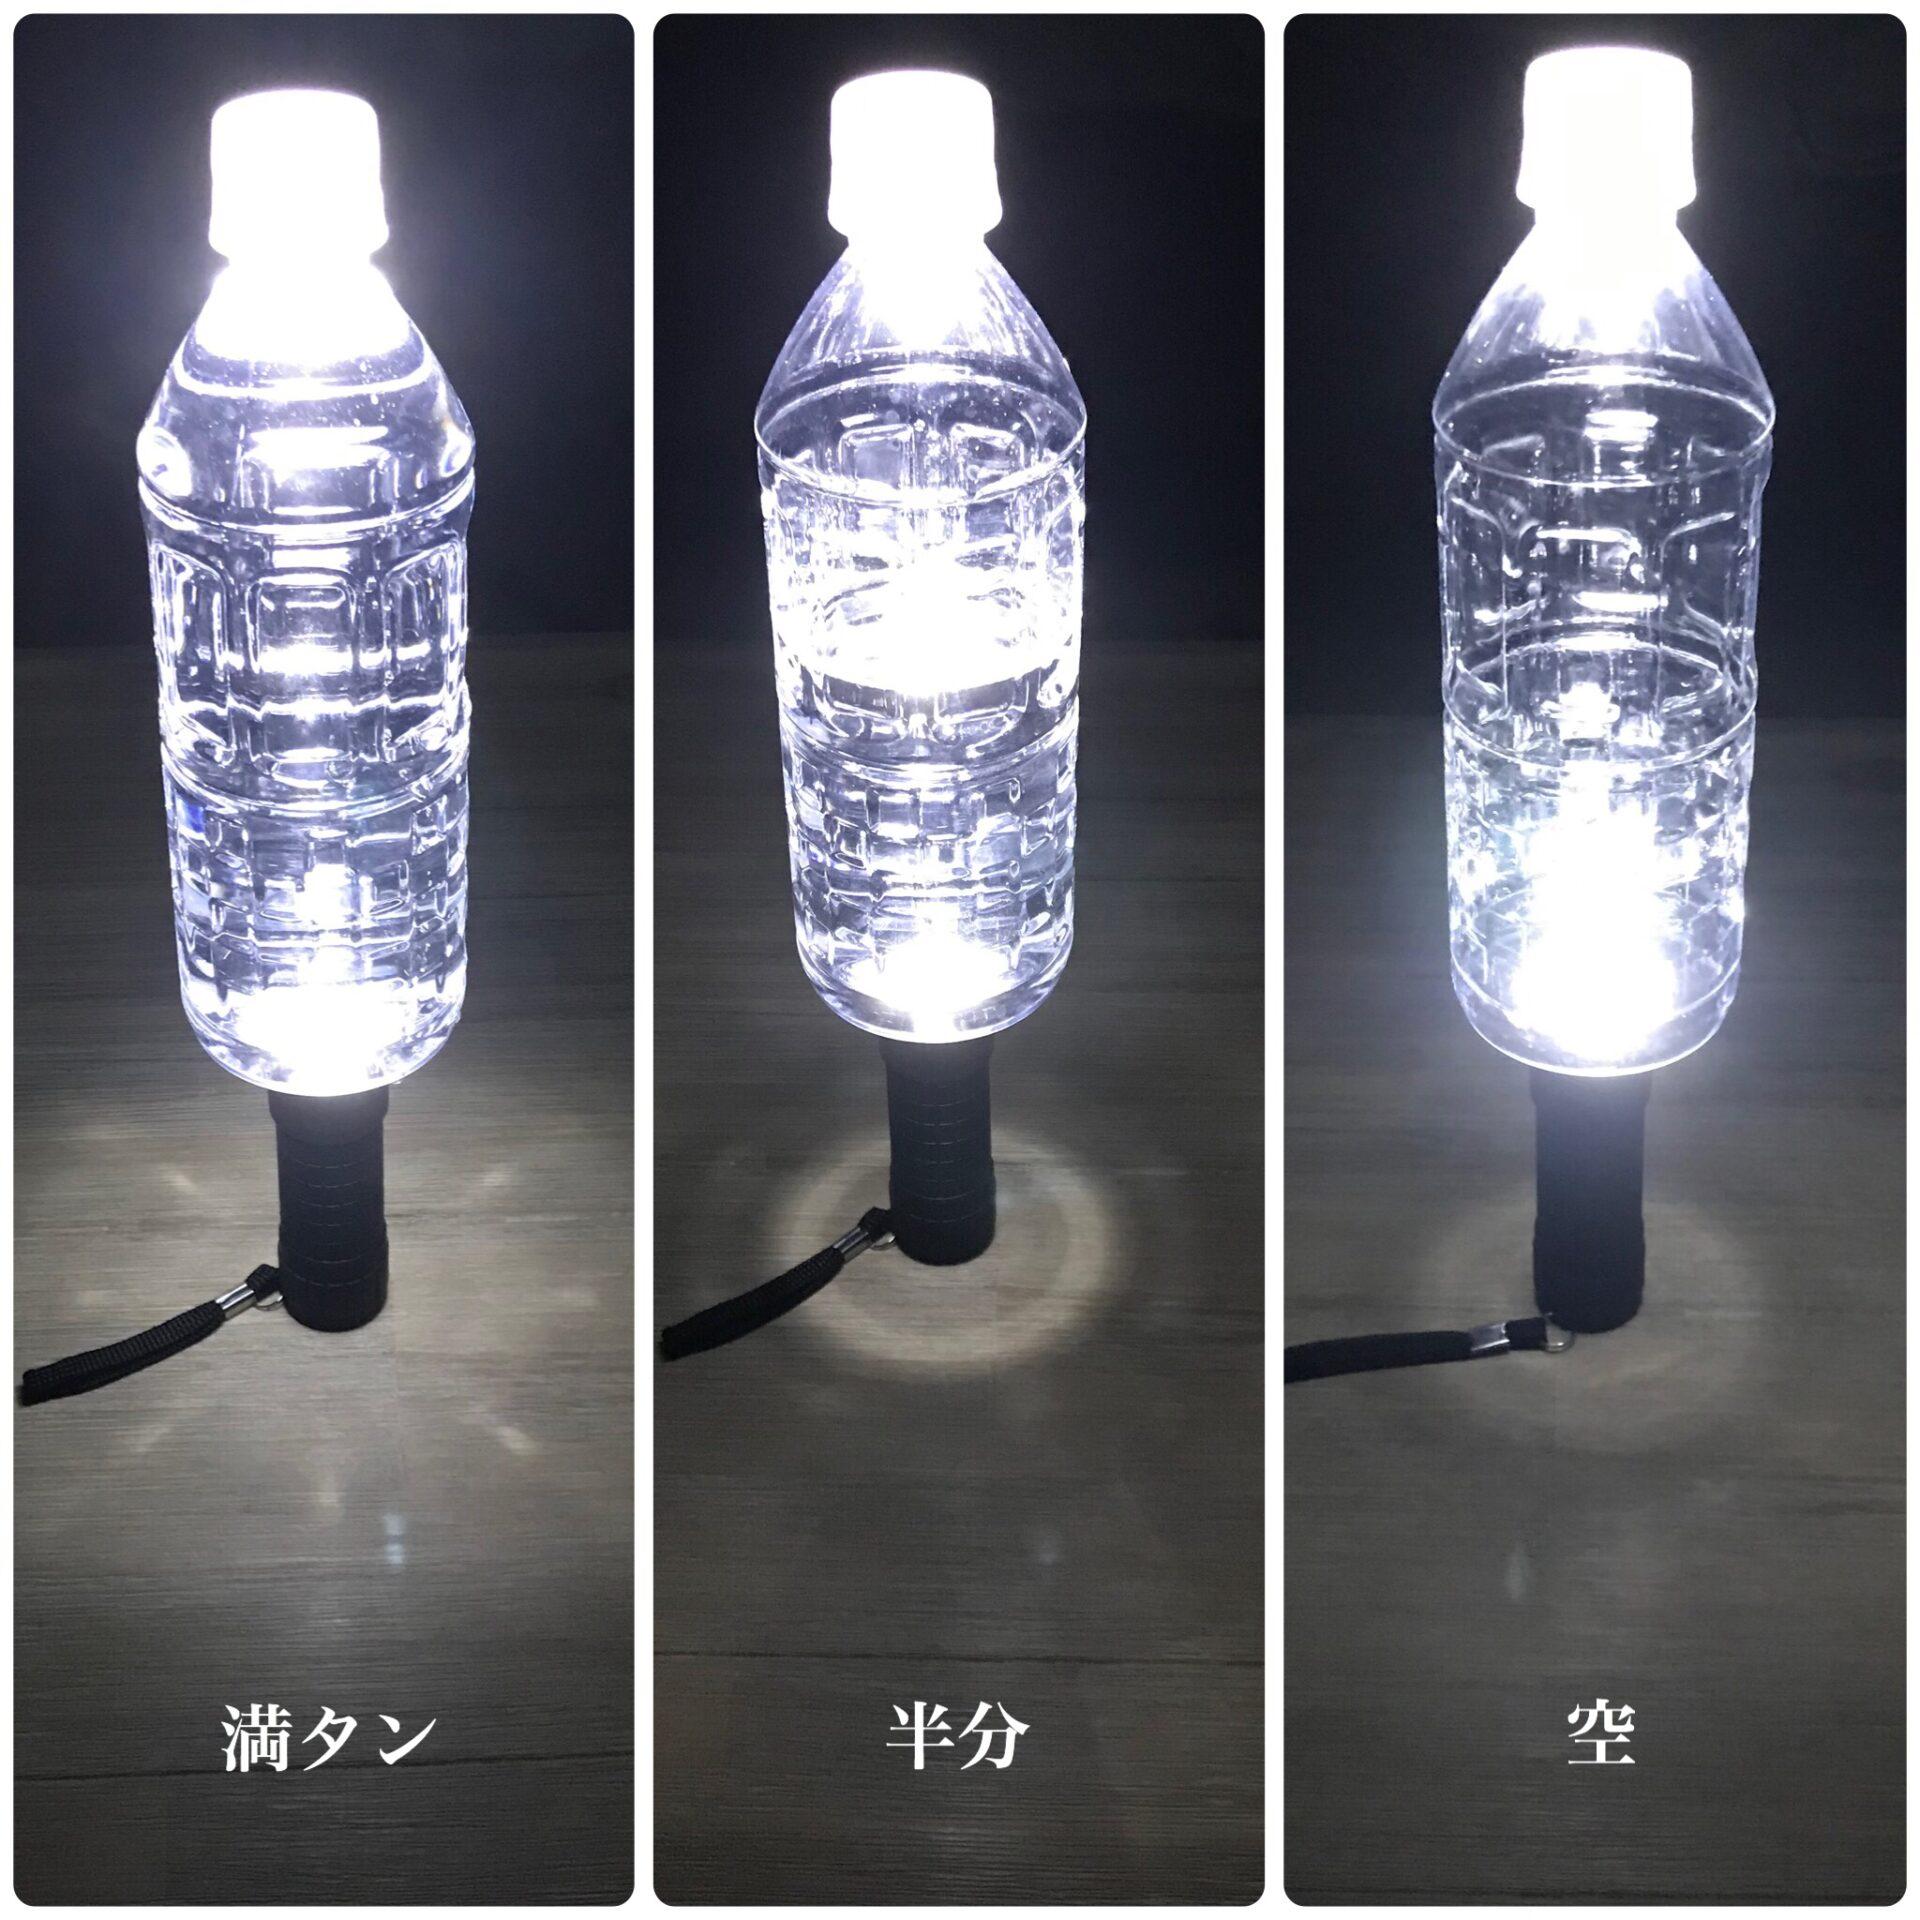 懐中電灯とペットボトルで作る簡易ランタンの水の量による明るさの比較